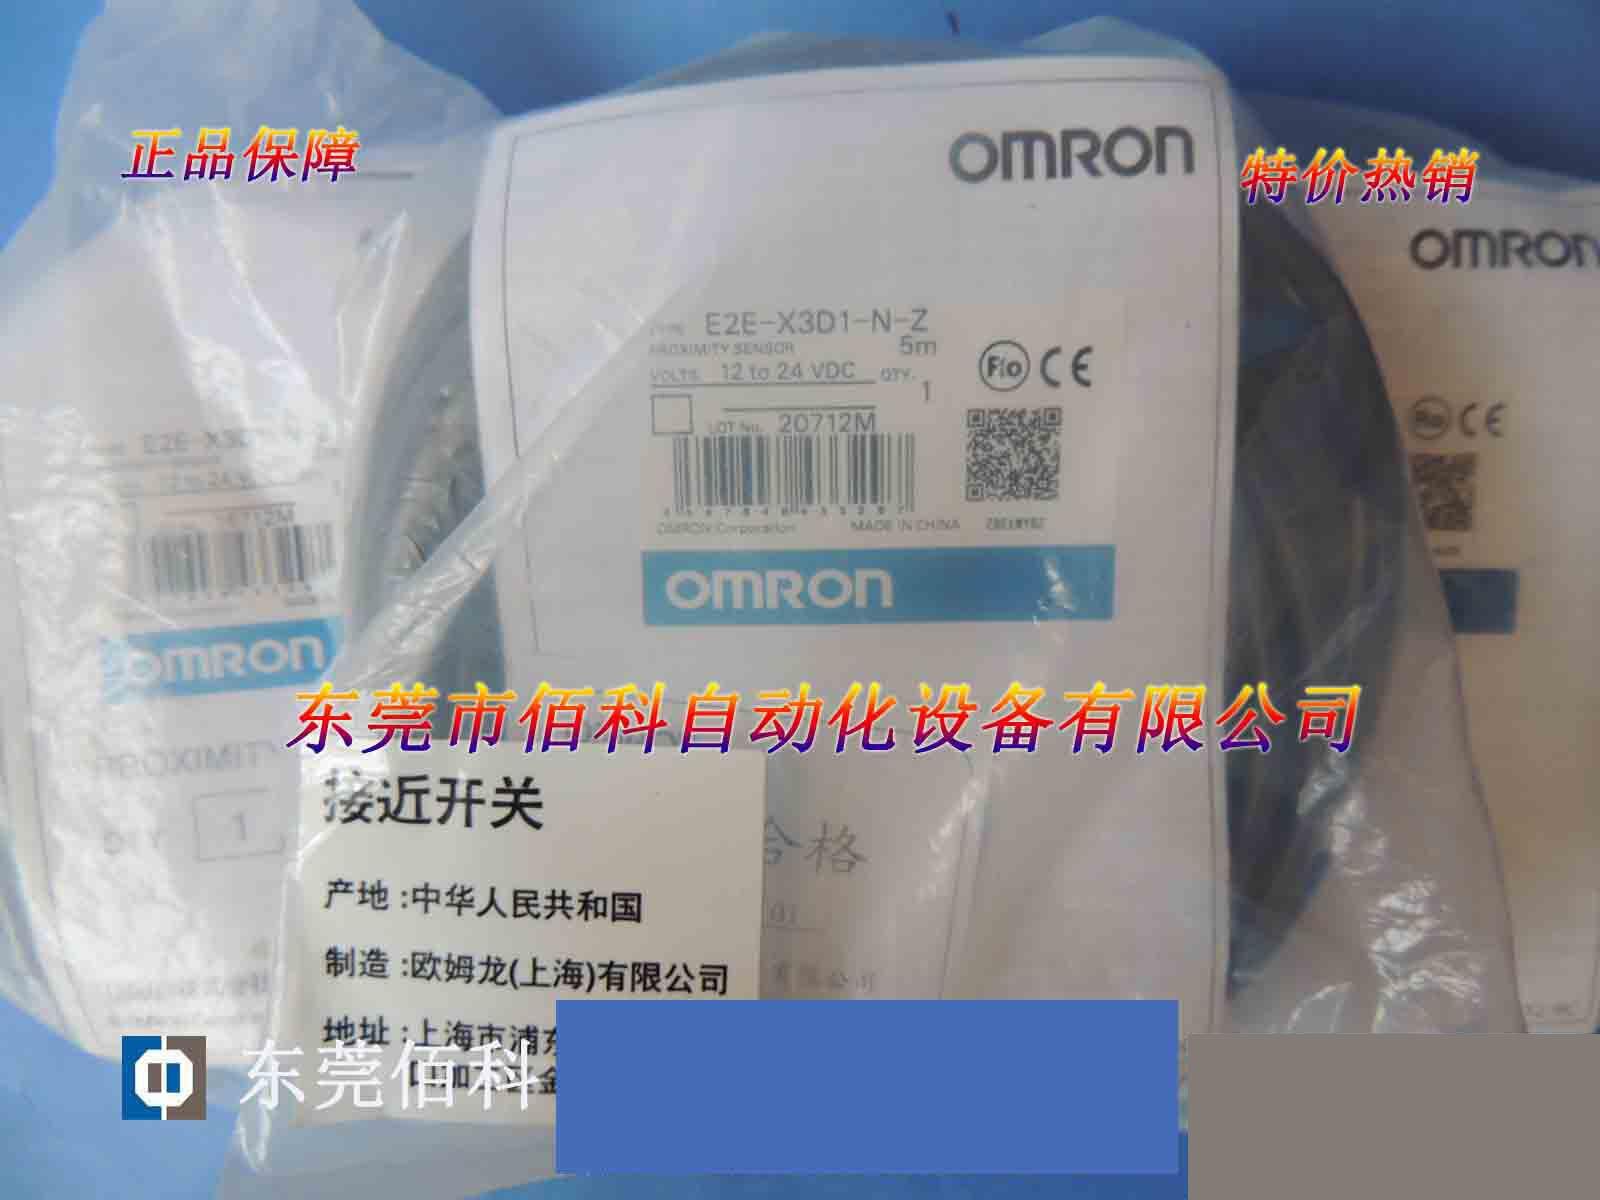 Special price new original   proximity switch E2E-X3D1-N-Z 5M